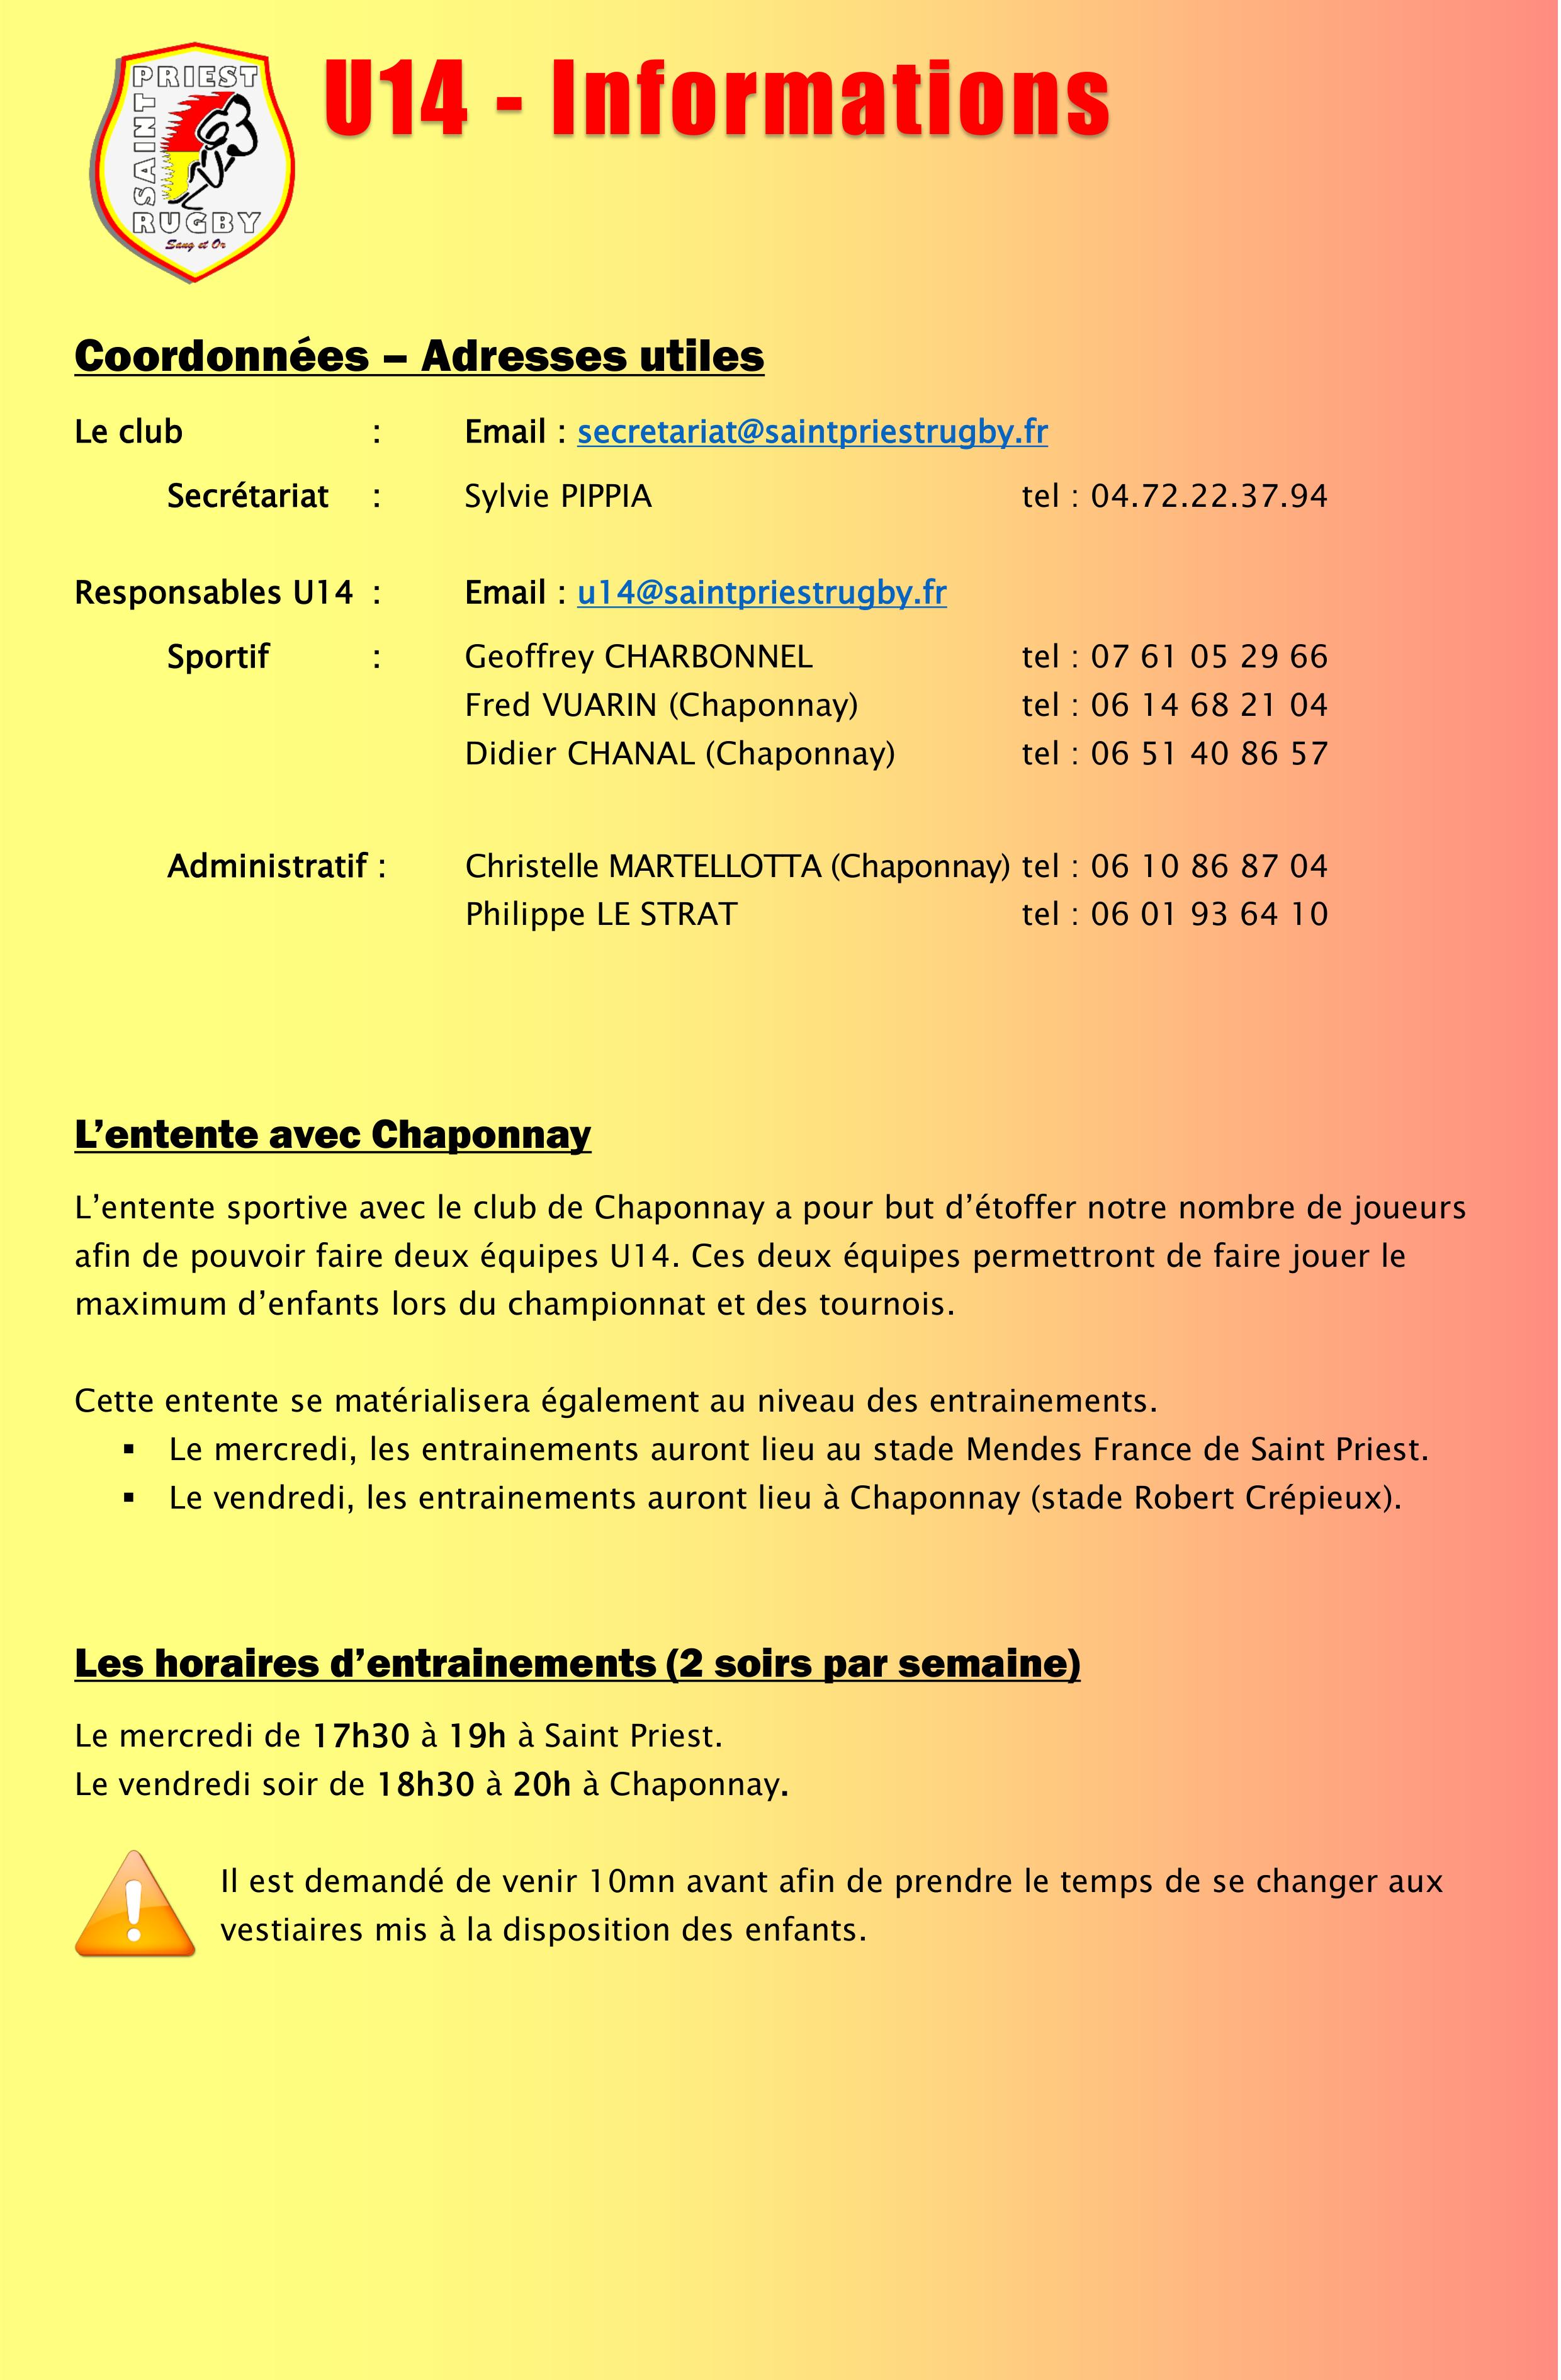 SPR - U14 - Infos.png